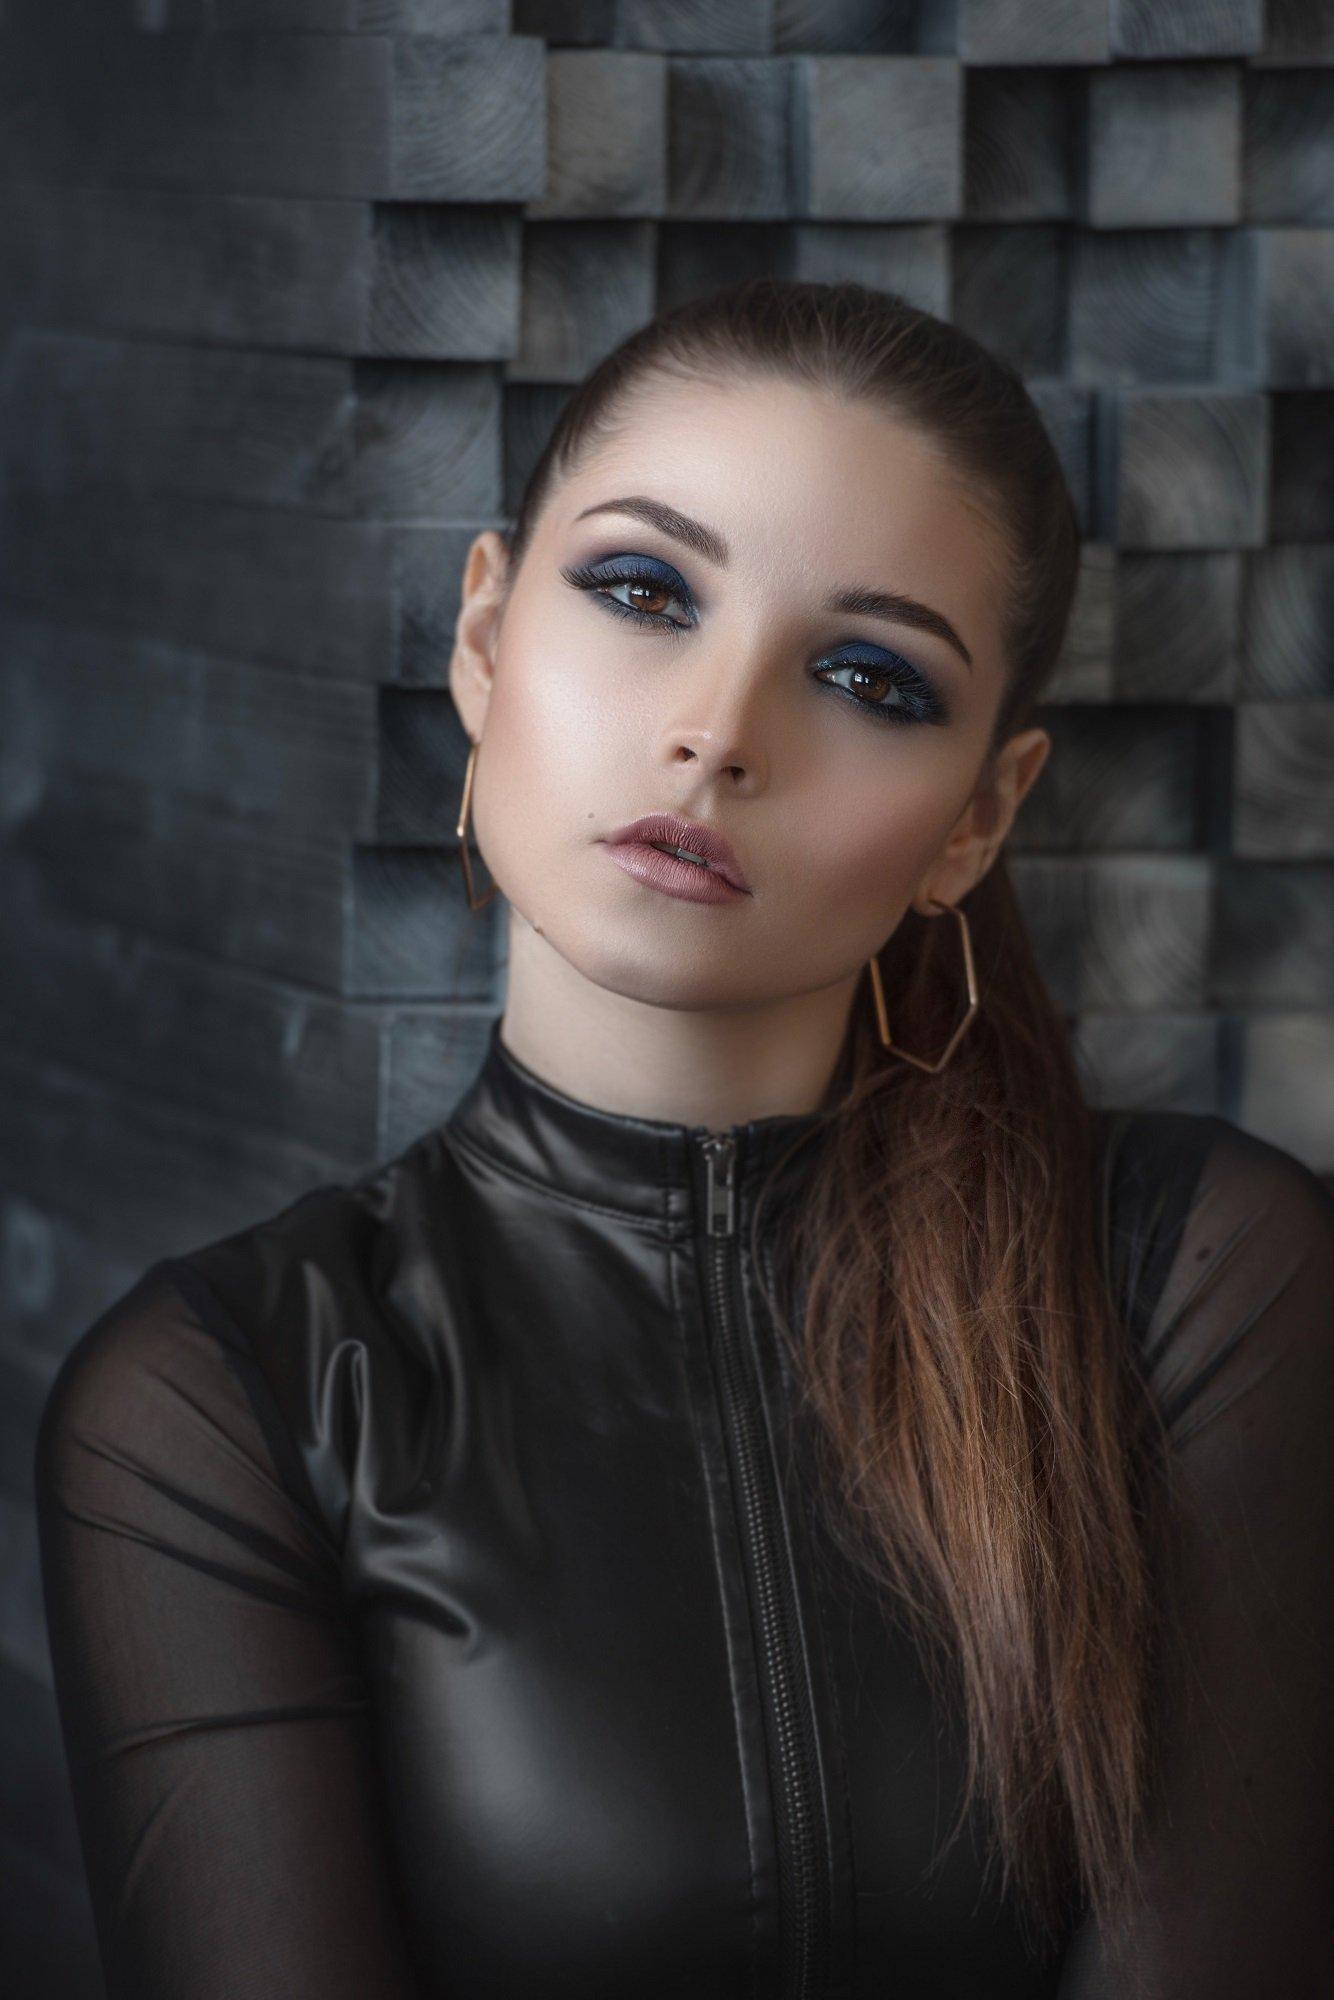 maxfot, фотограф максим емельянов, женский портрет, Емельянов Максим